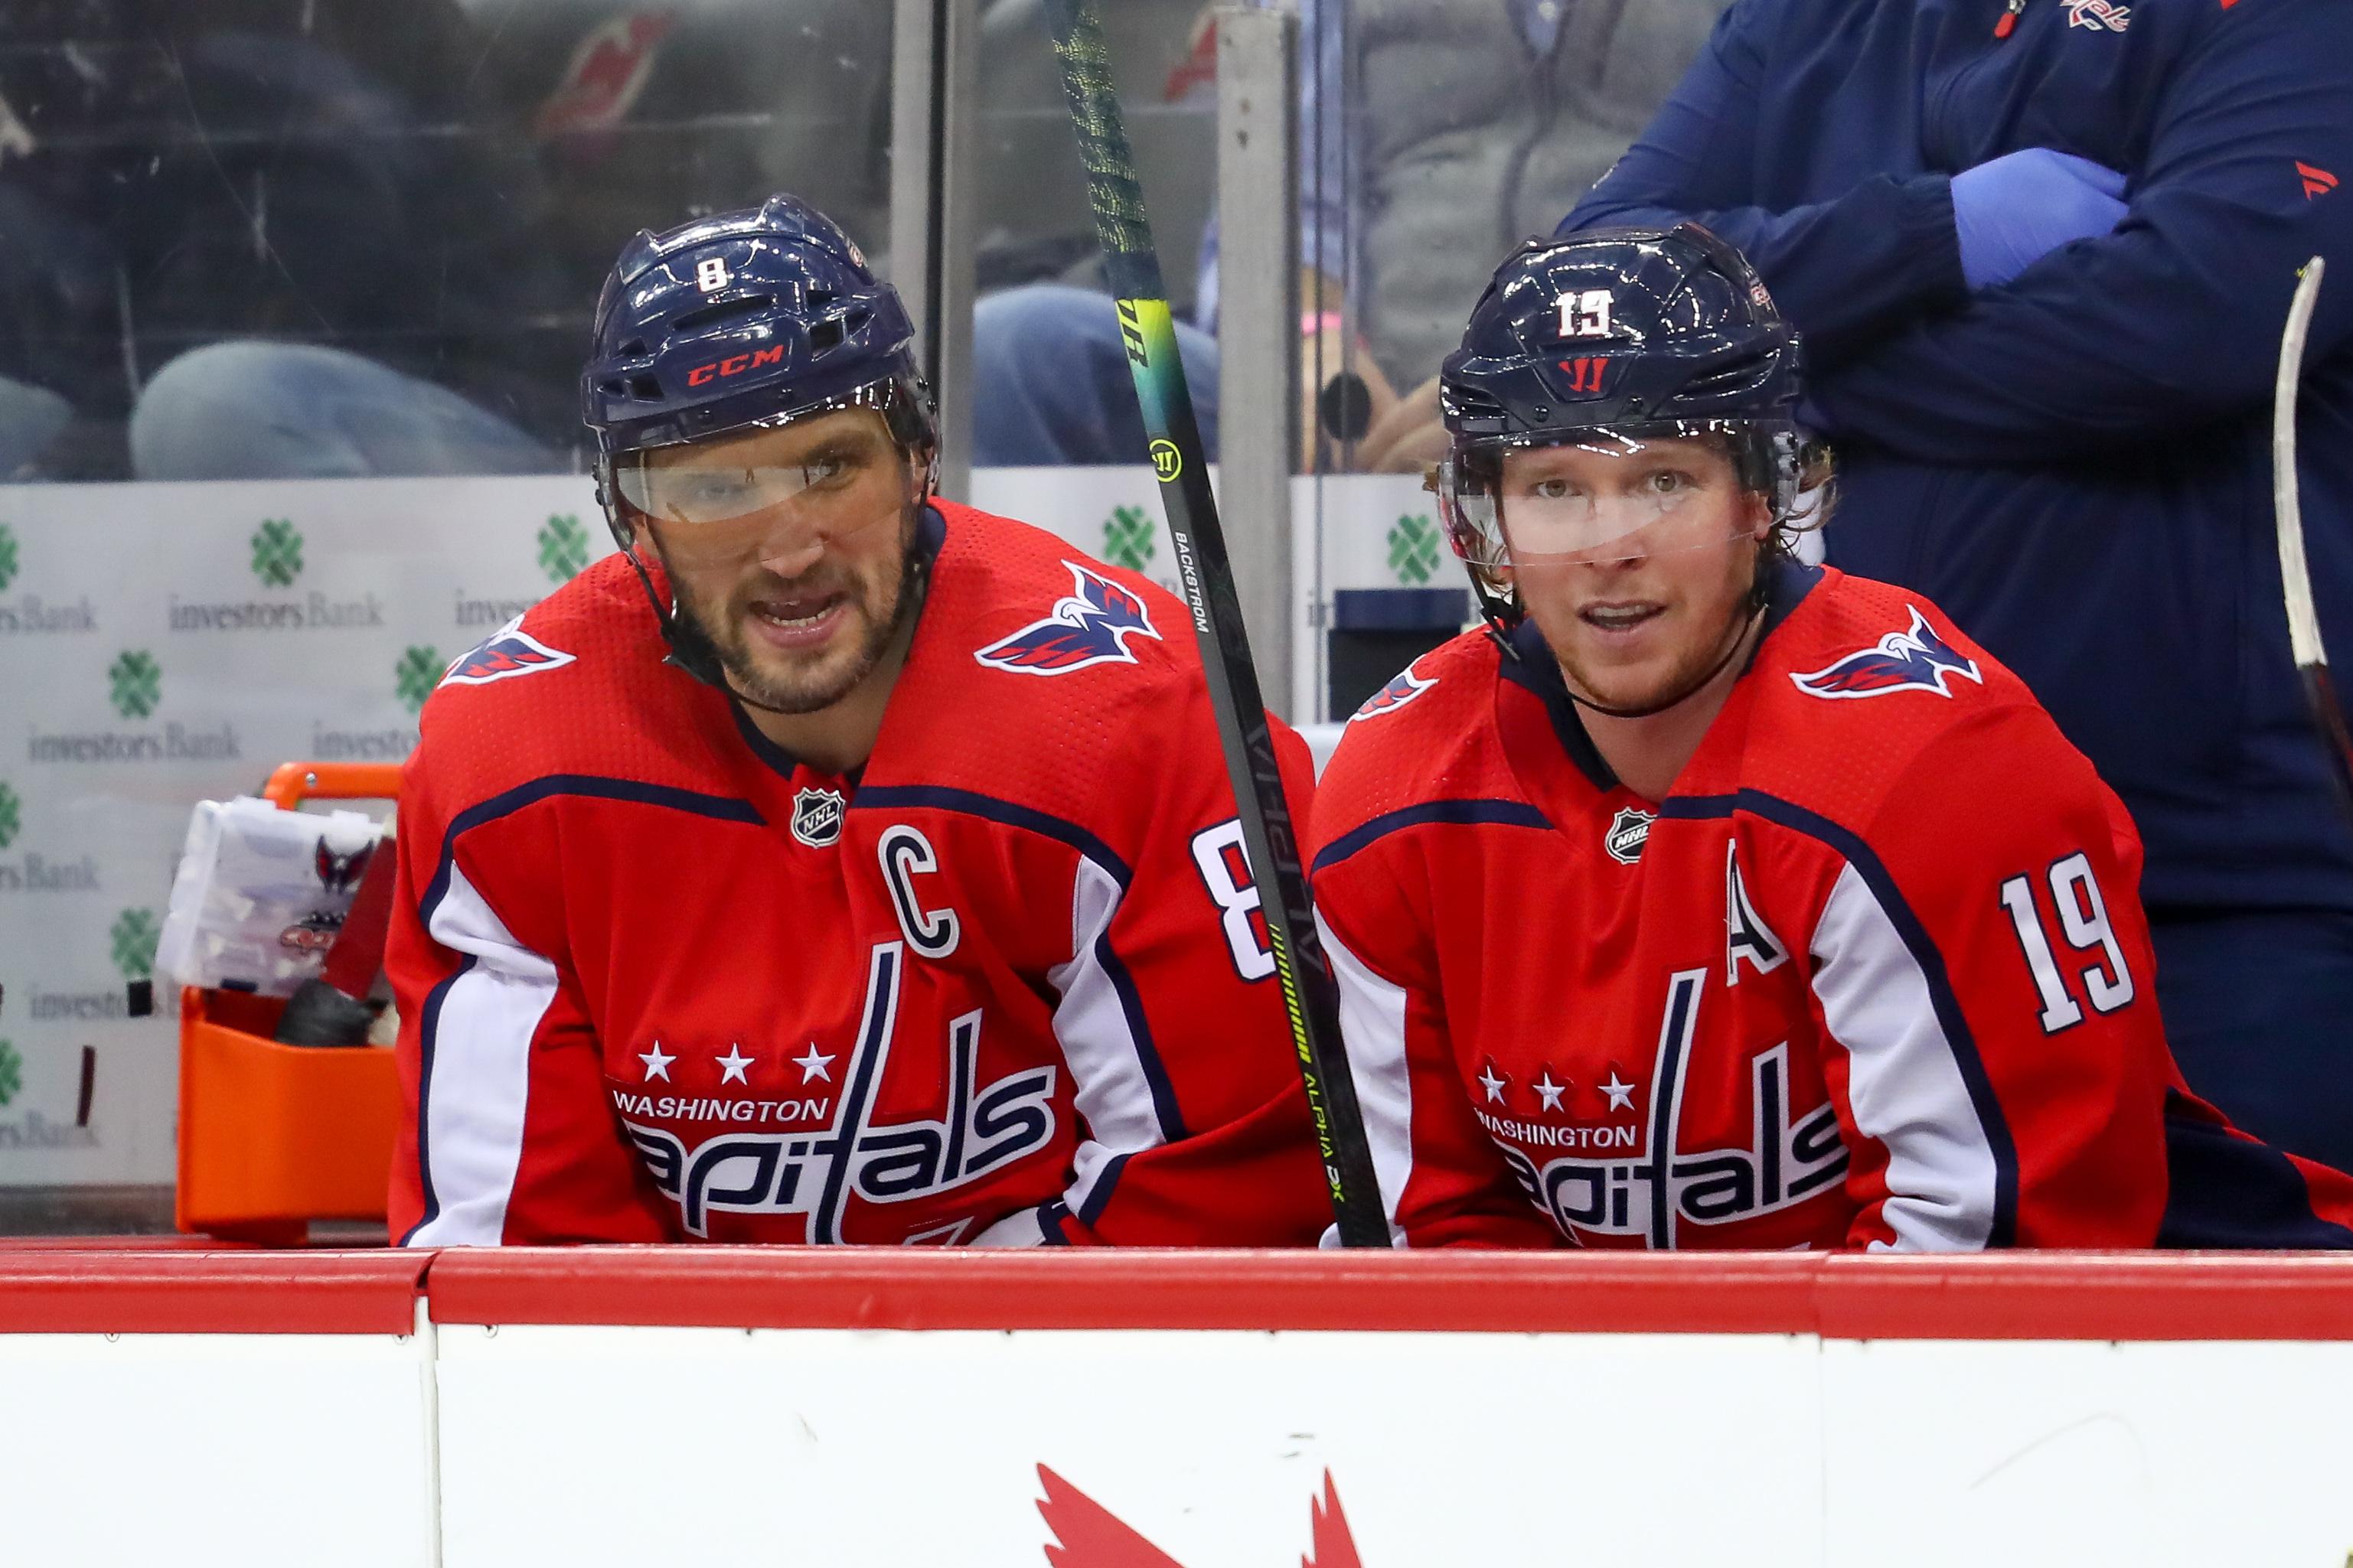 NHL: DEC 20 Capitals at Devils